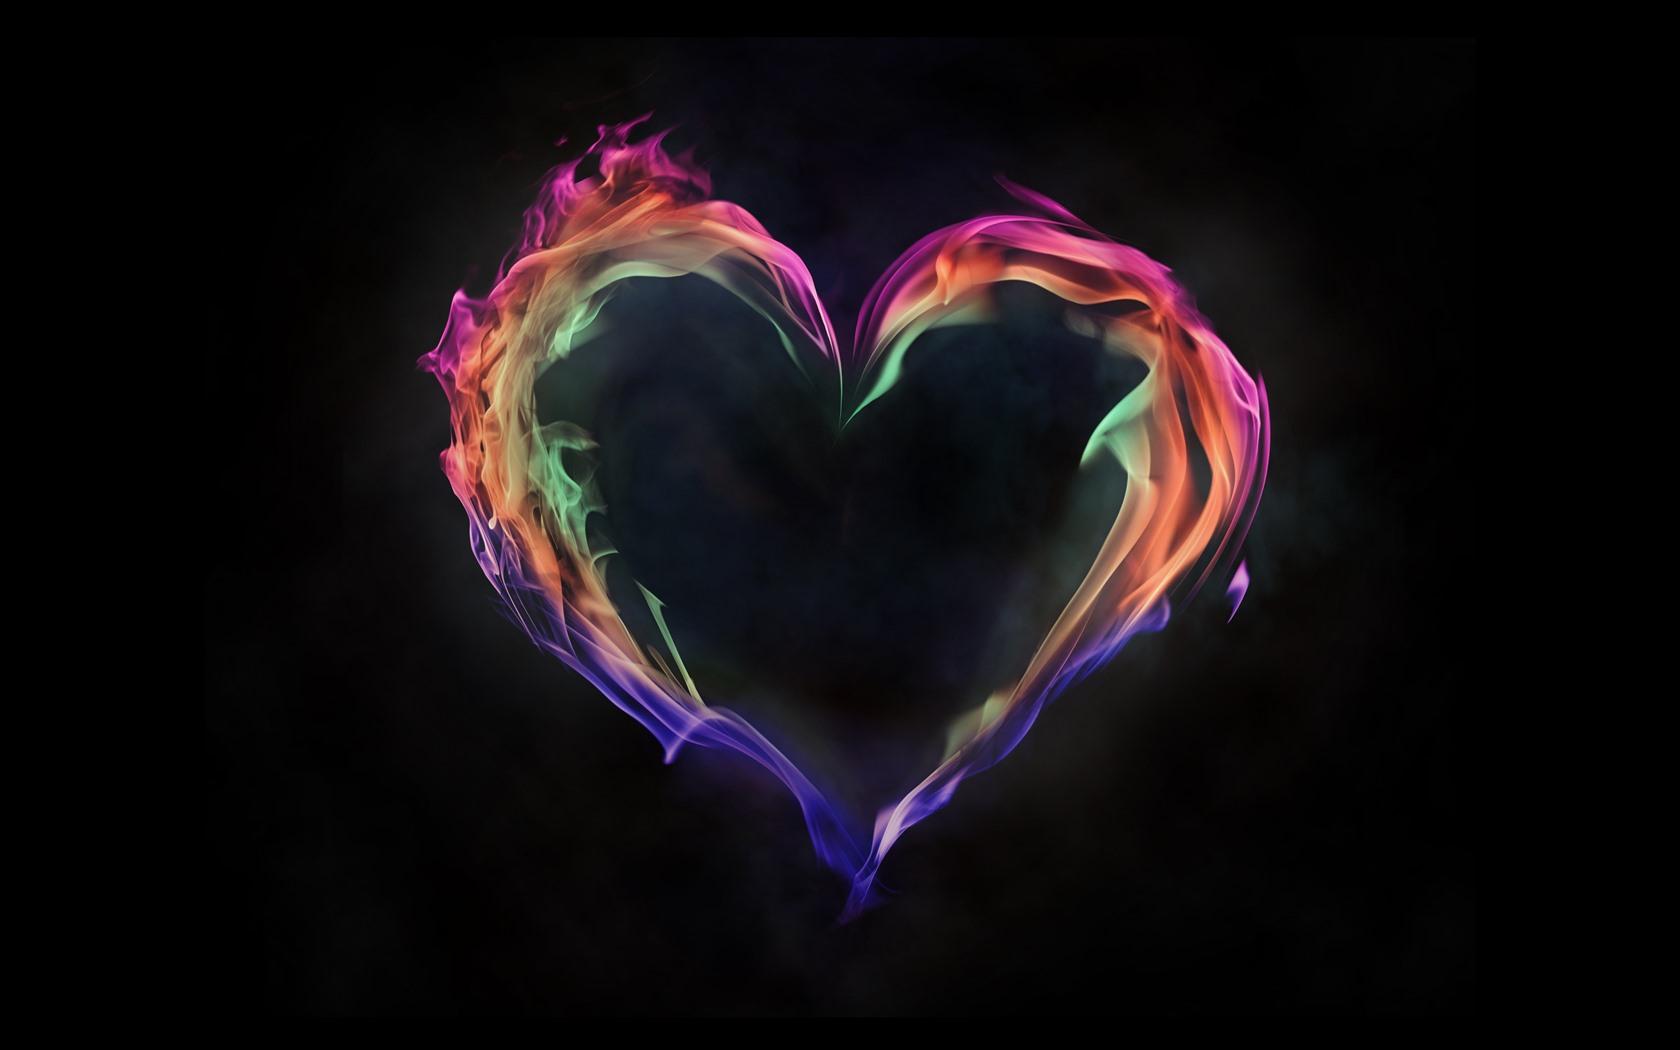 Love Heart Wallpaper Hd Wallpapertag: Buntes Feuerliebesherz, Schwarzer Hintergrund 5120x2880